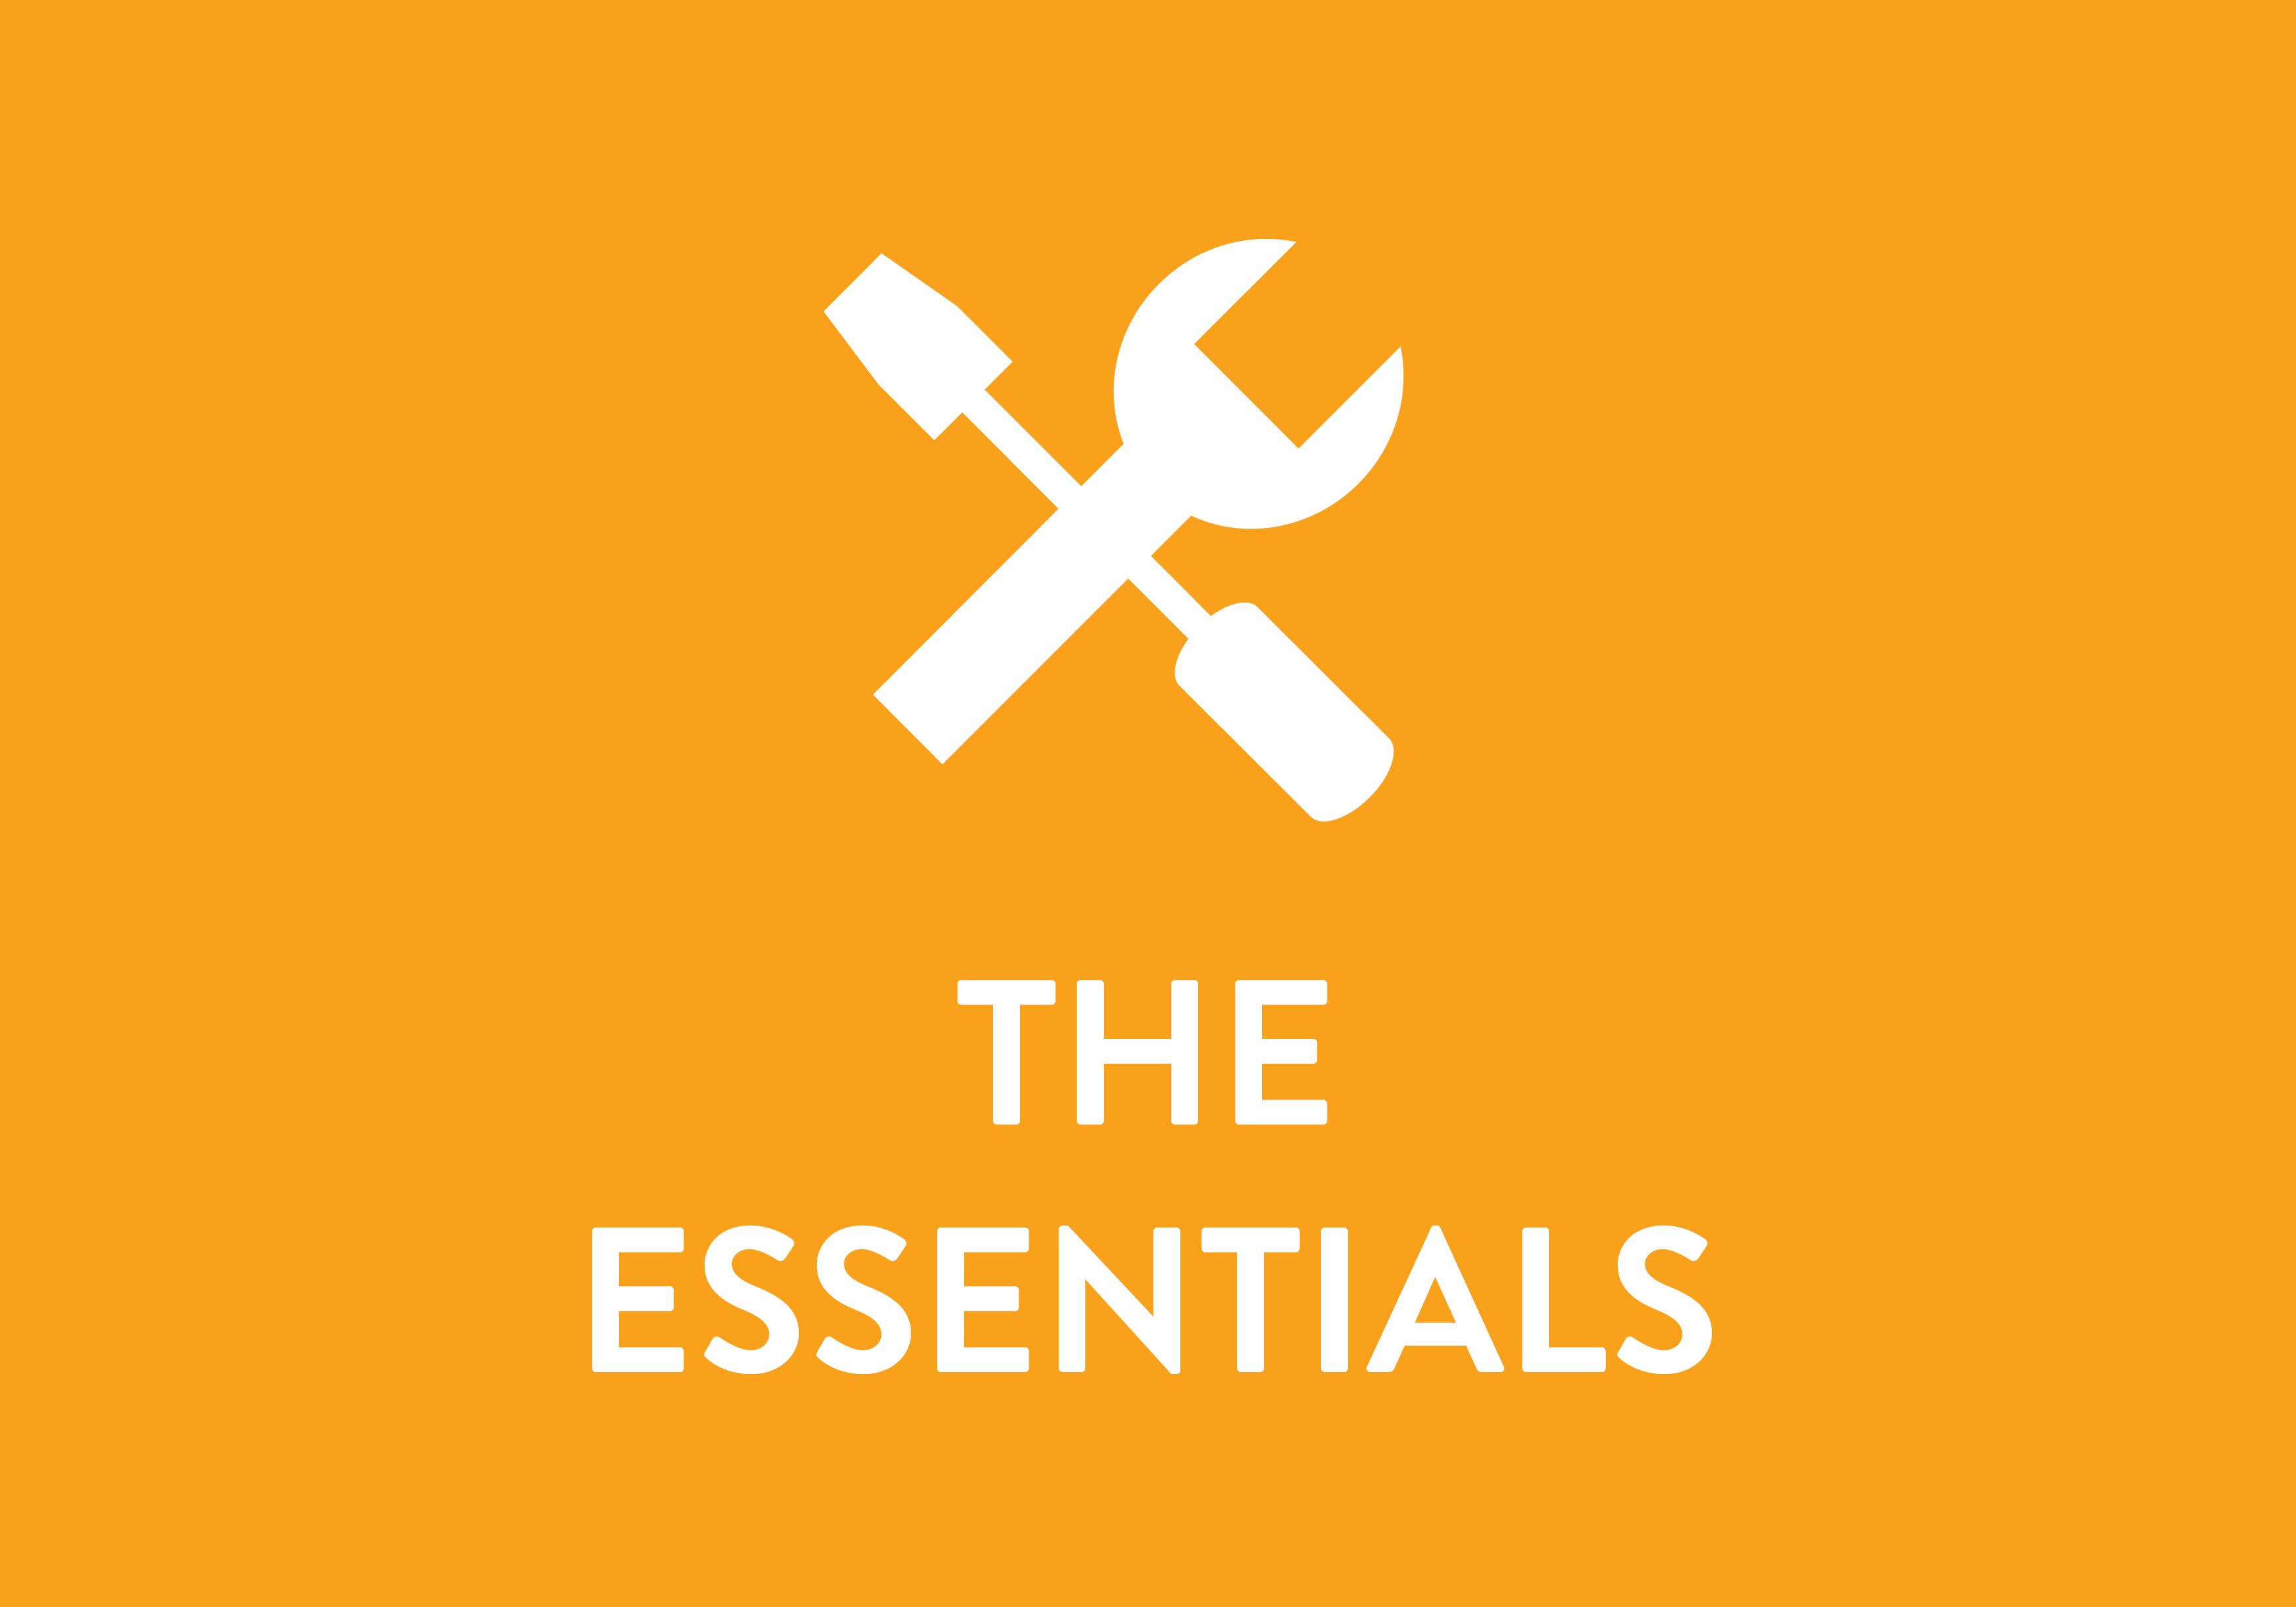 The-Essentials-14